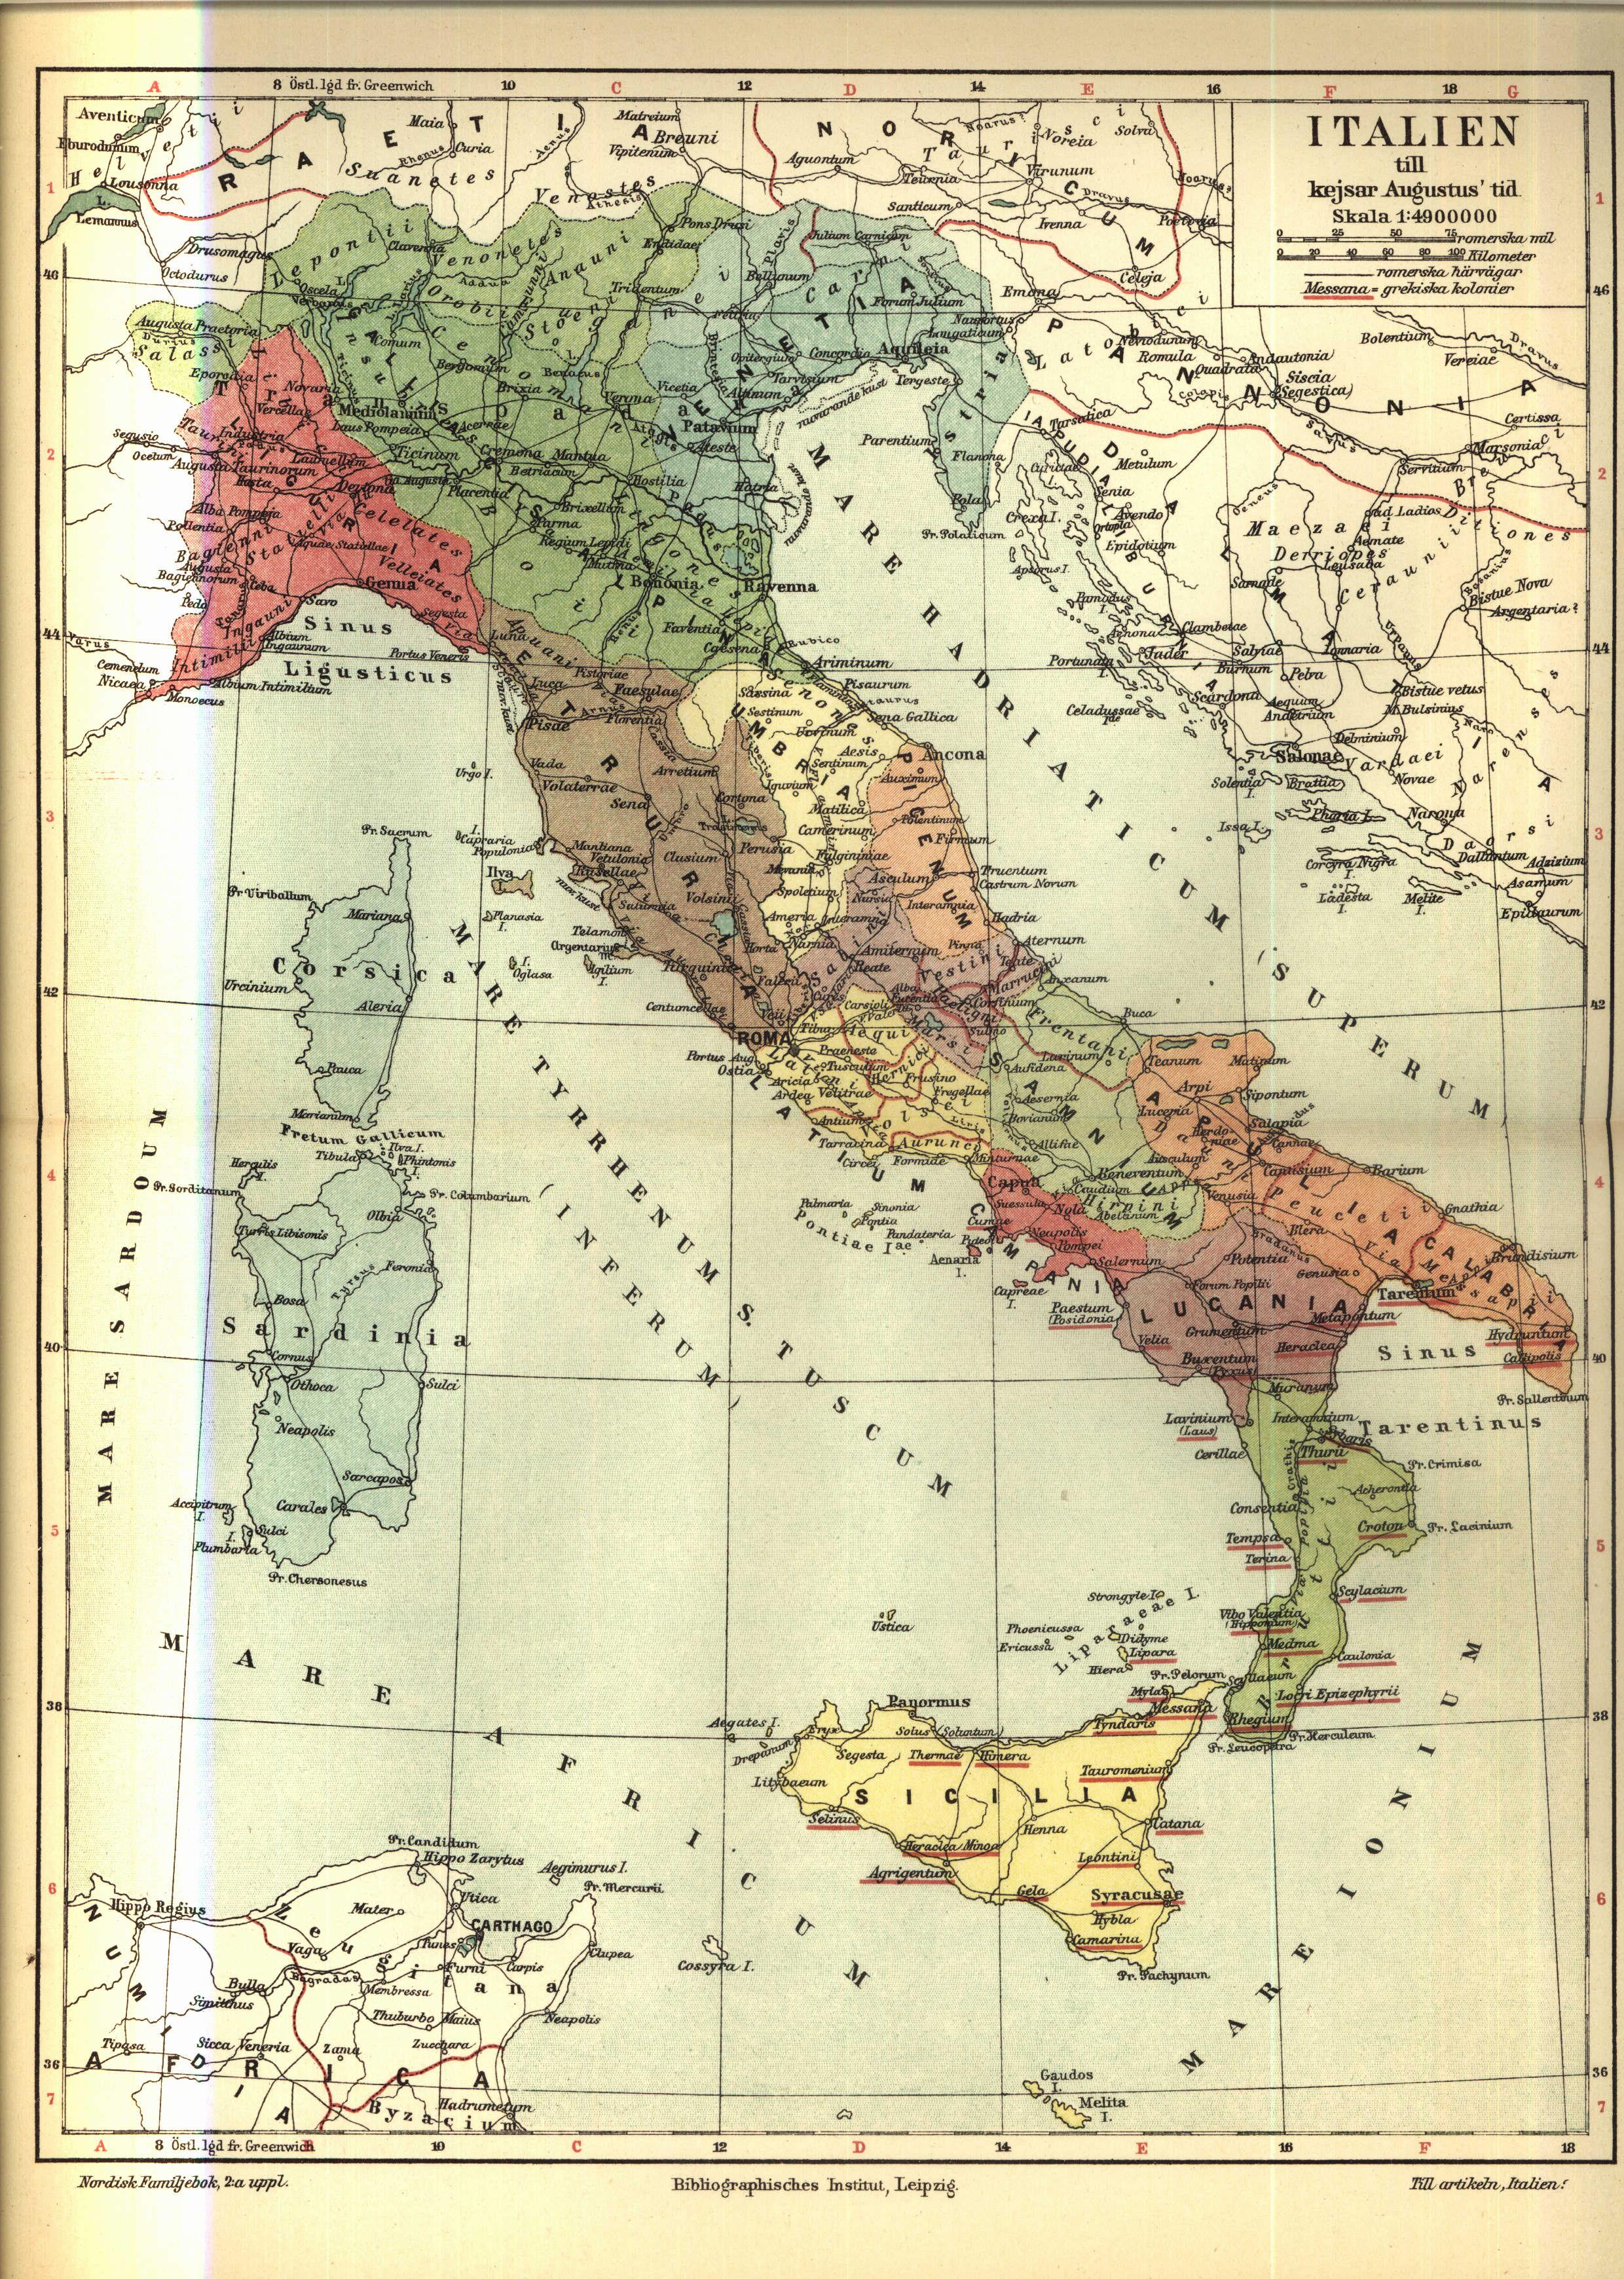 karta se italien File:Karta över Italien till kejsar Augustus tid, Nordisk  karta se italien